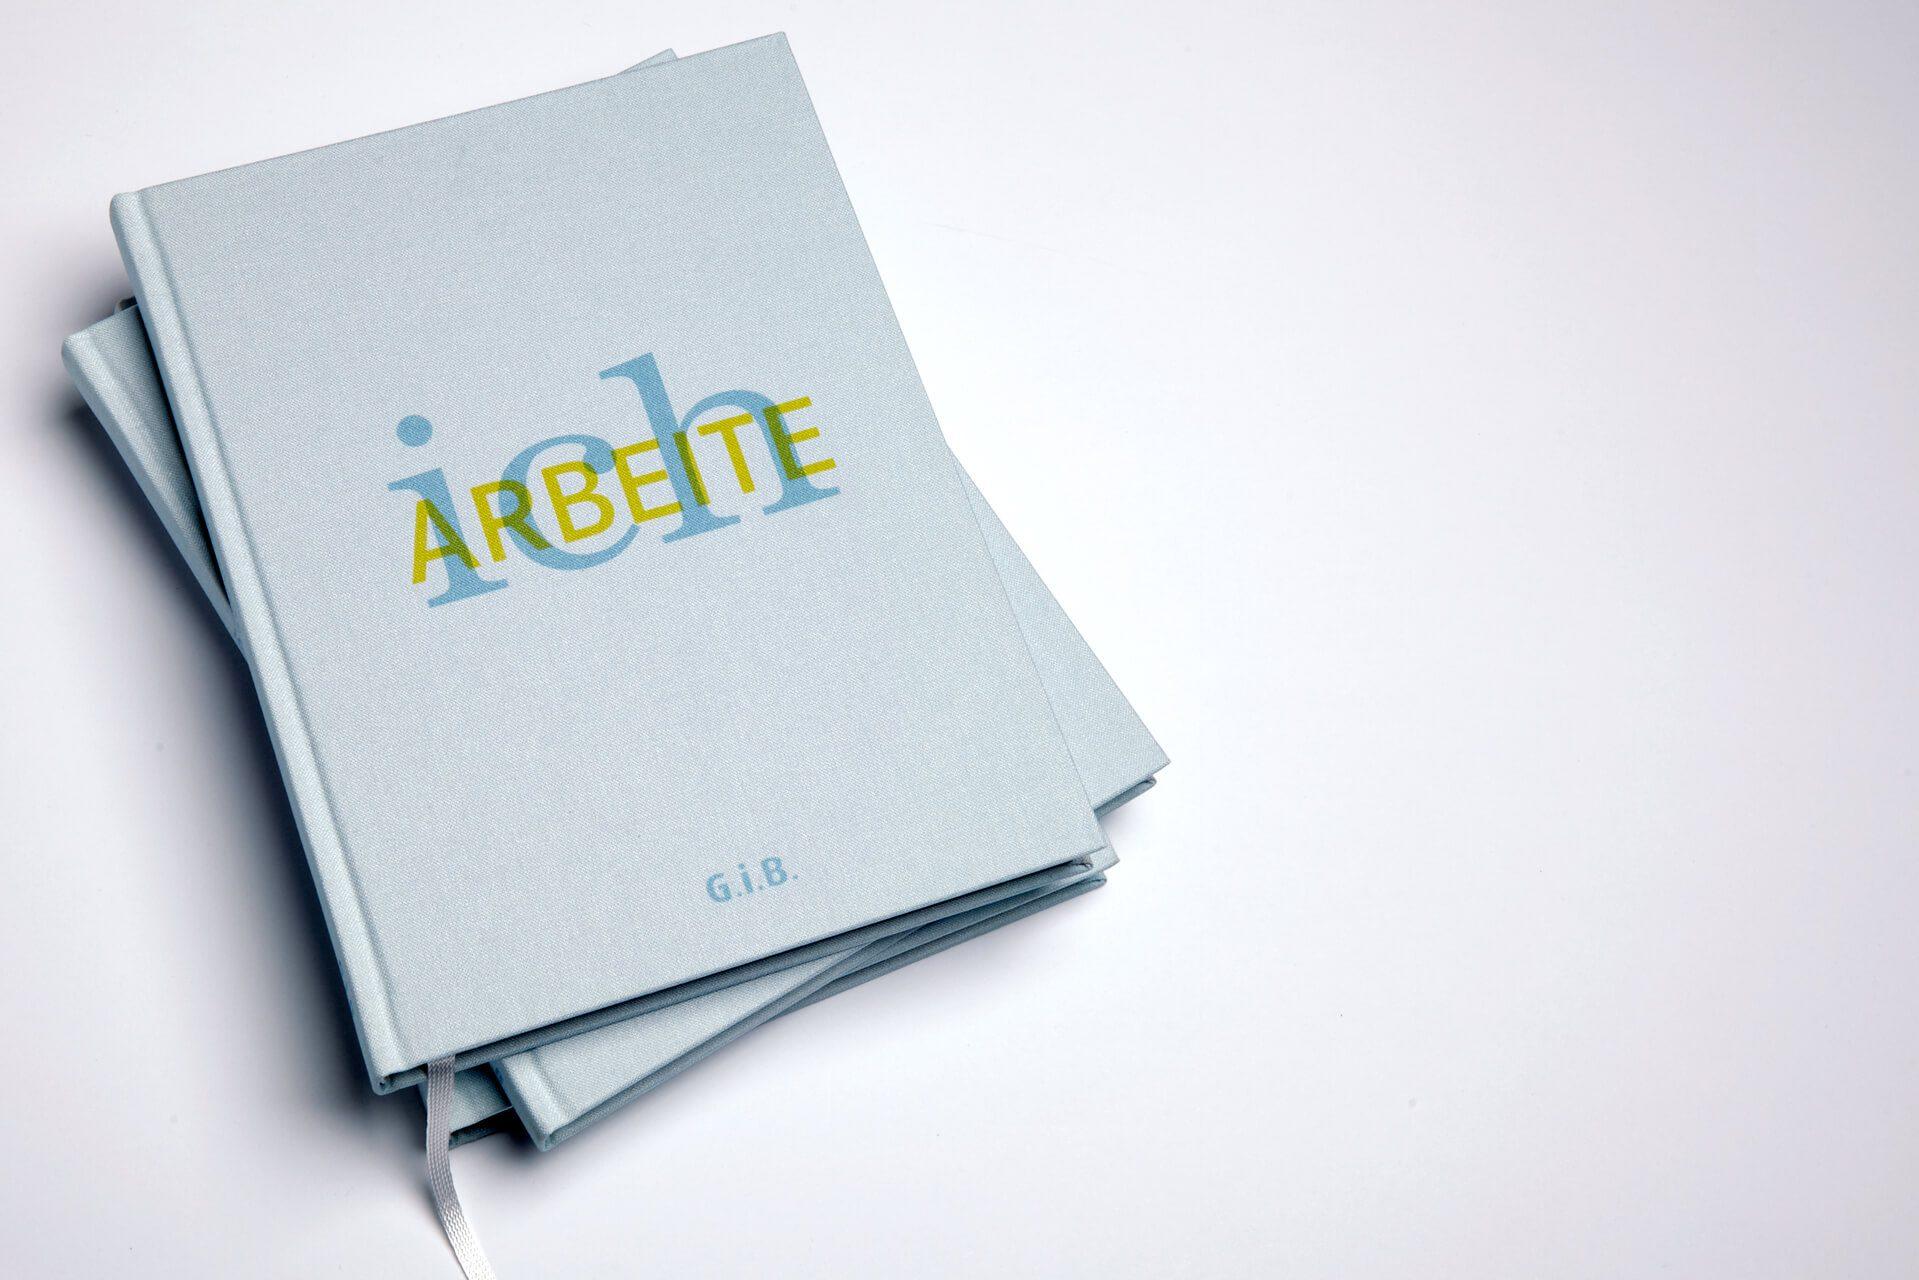 katja-nitsche-fotografie_ich-arbeite_cover